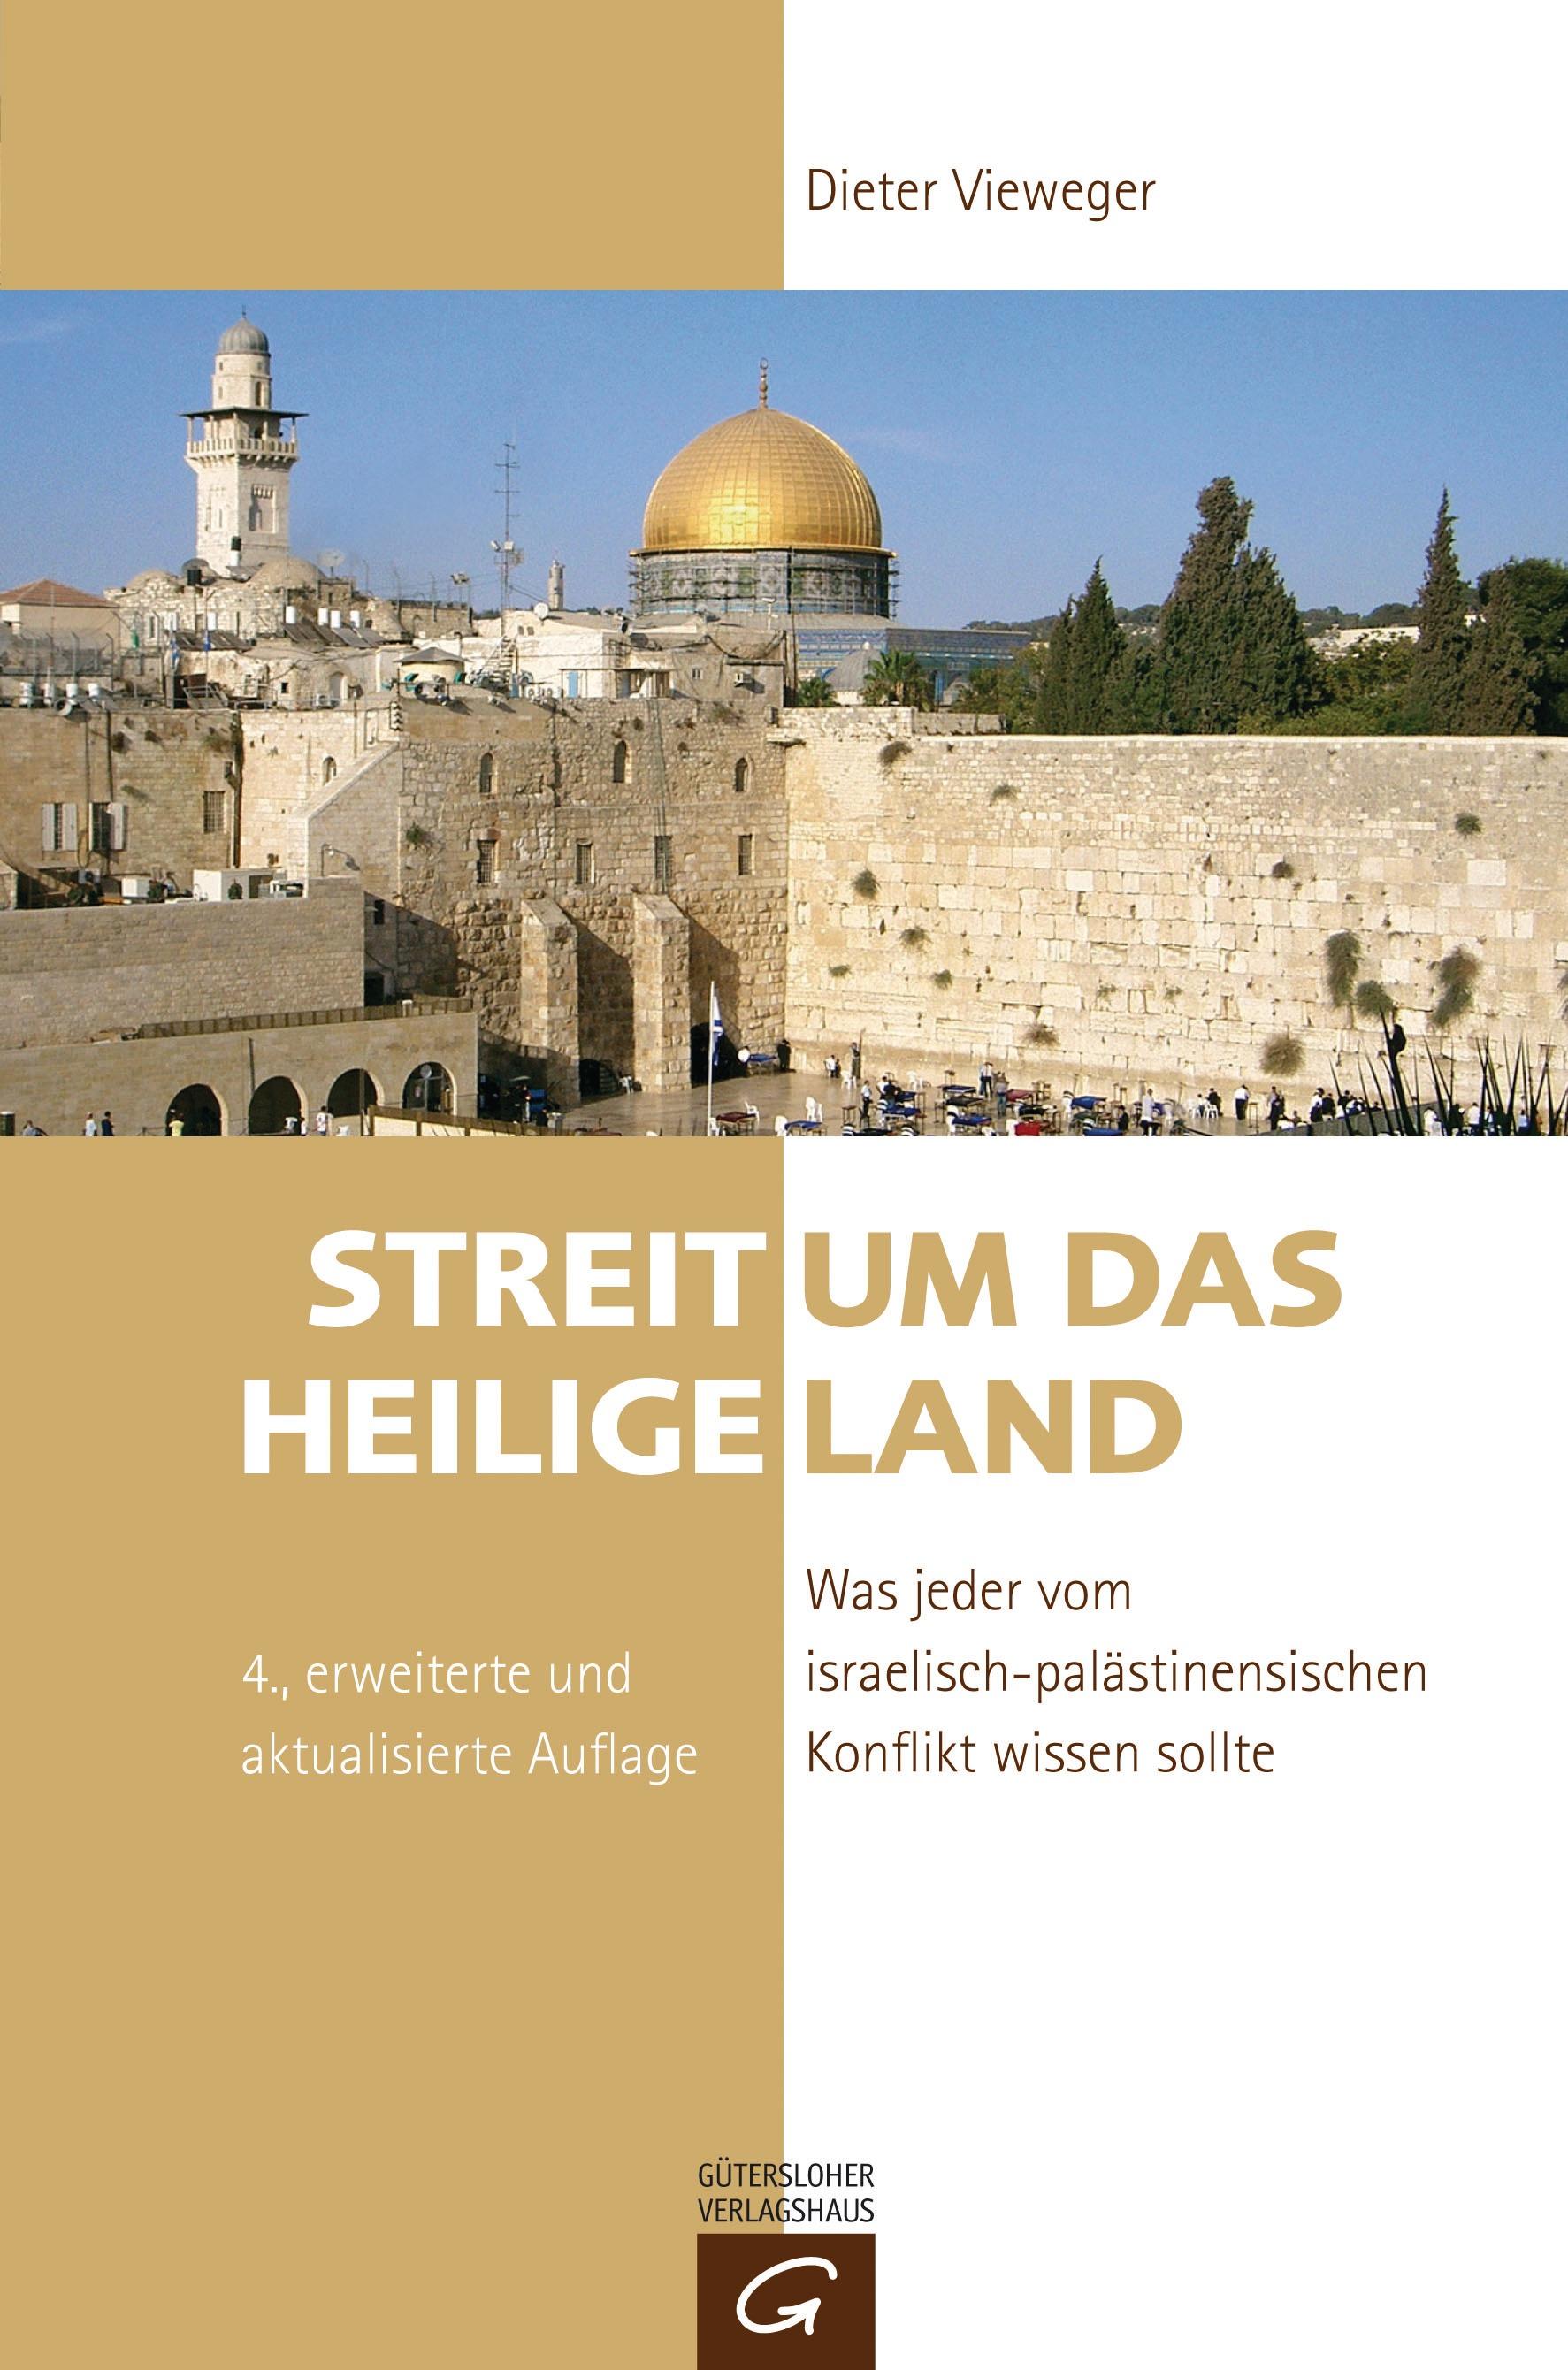 Streit um das Heilige Land: Was jeder vom israelisch-palästinensischen Konflikt wissen sollte - Dieter Vieweger [Taschen